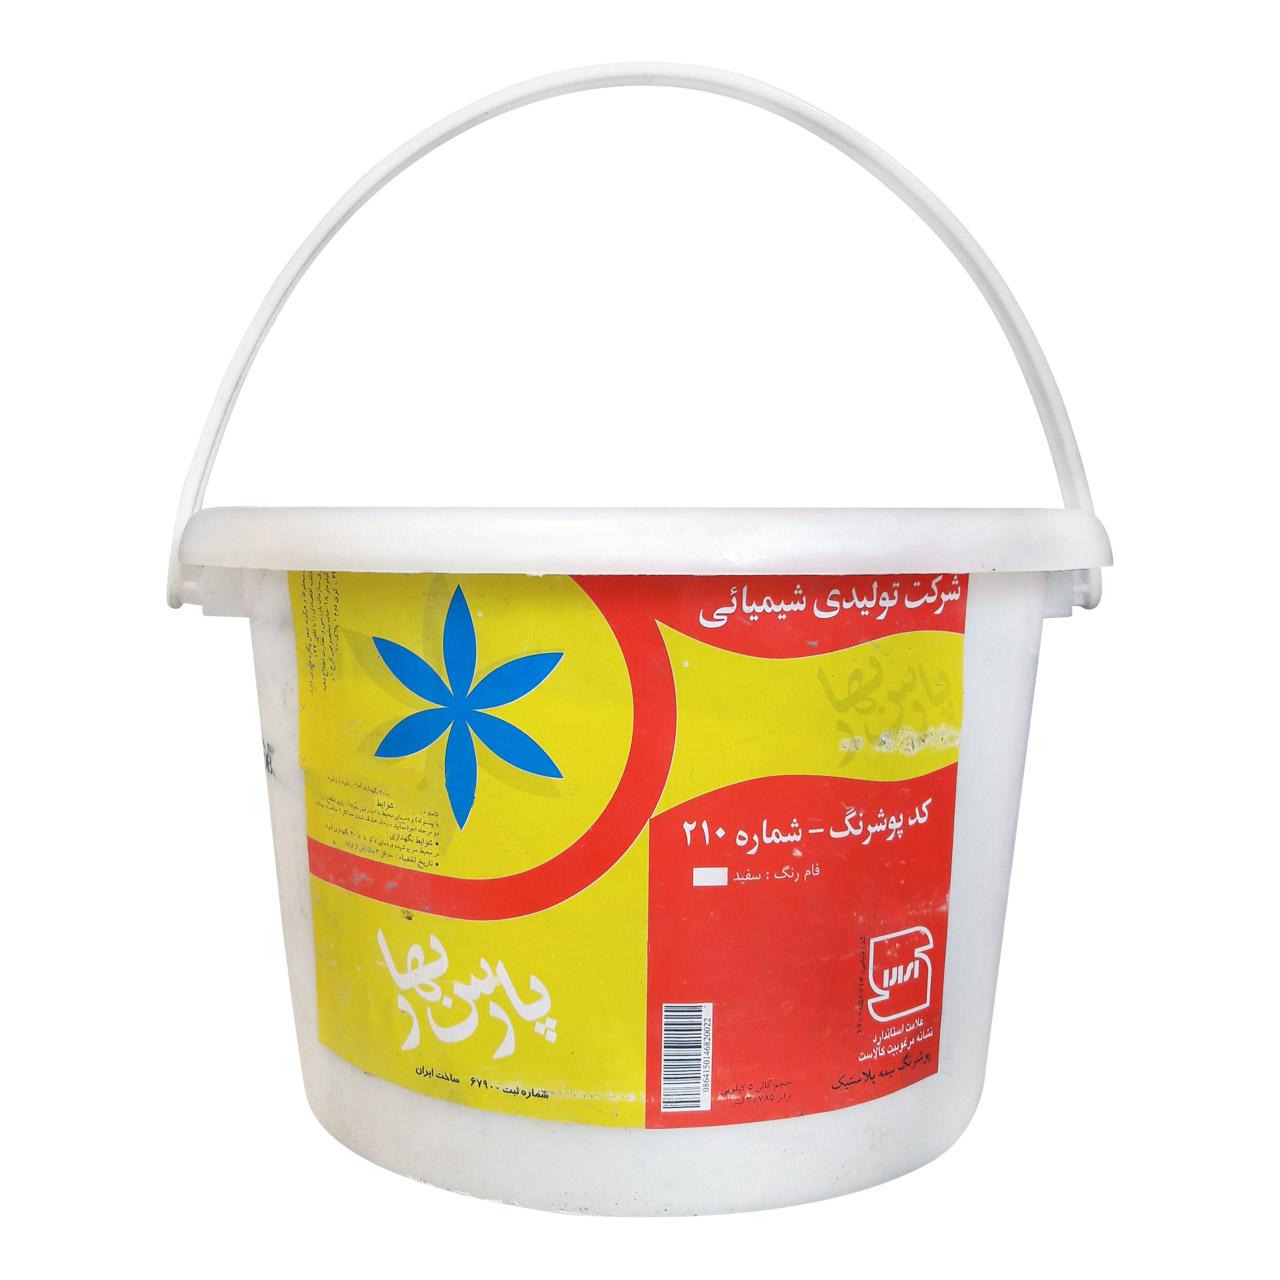 قیمت                                      رنگ نیمه پلاستیک پارس بهار کد PA5 وزن 5 کیلوگرم